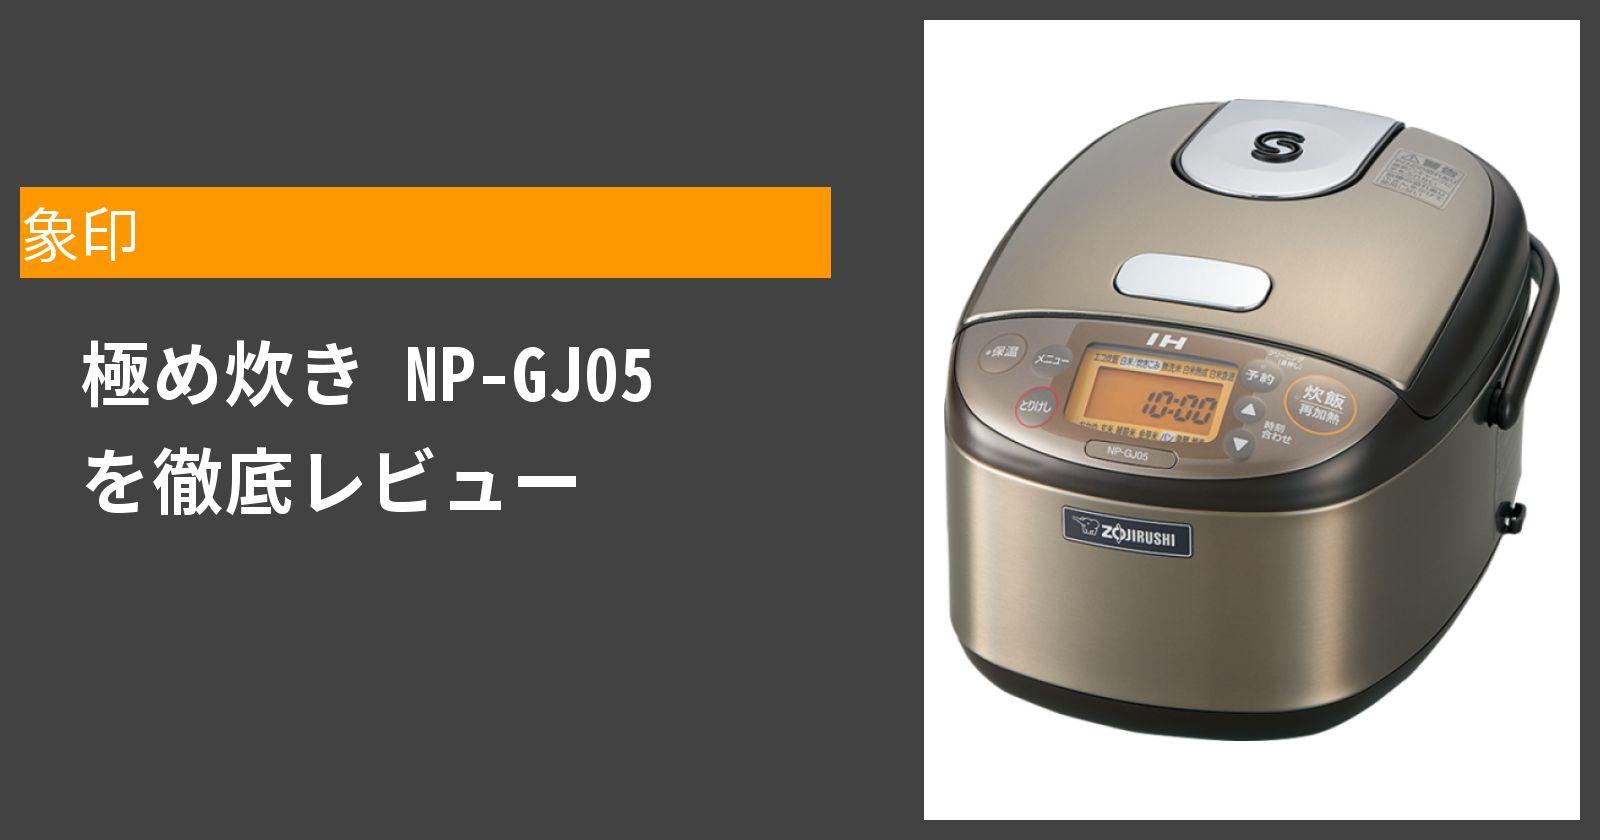 極め炊き NP-GJ05を徹底評価